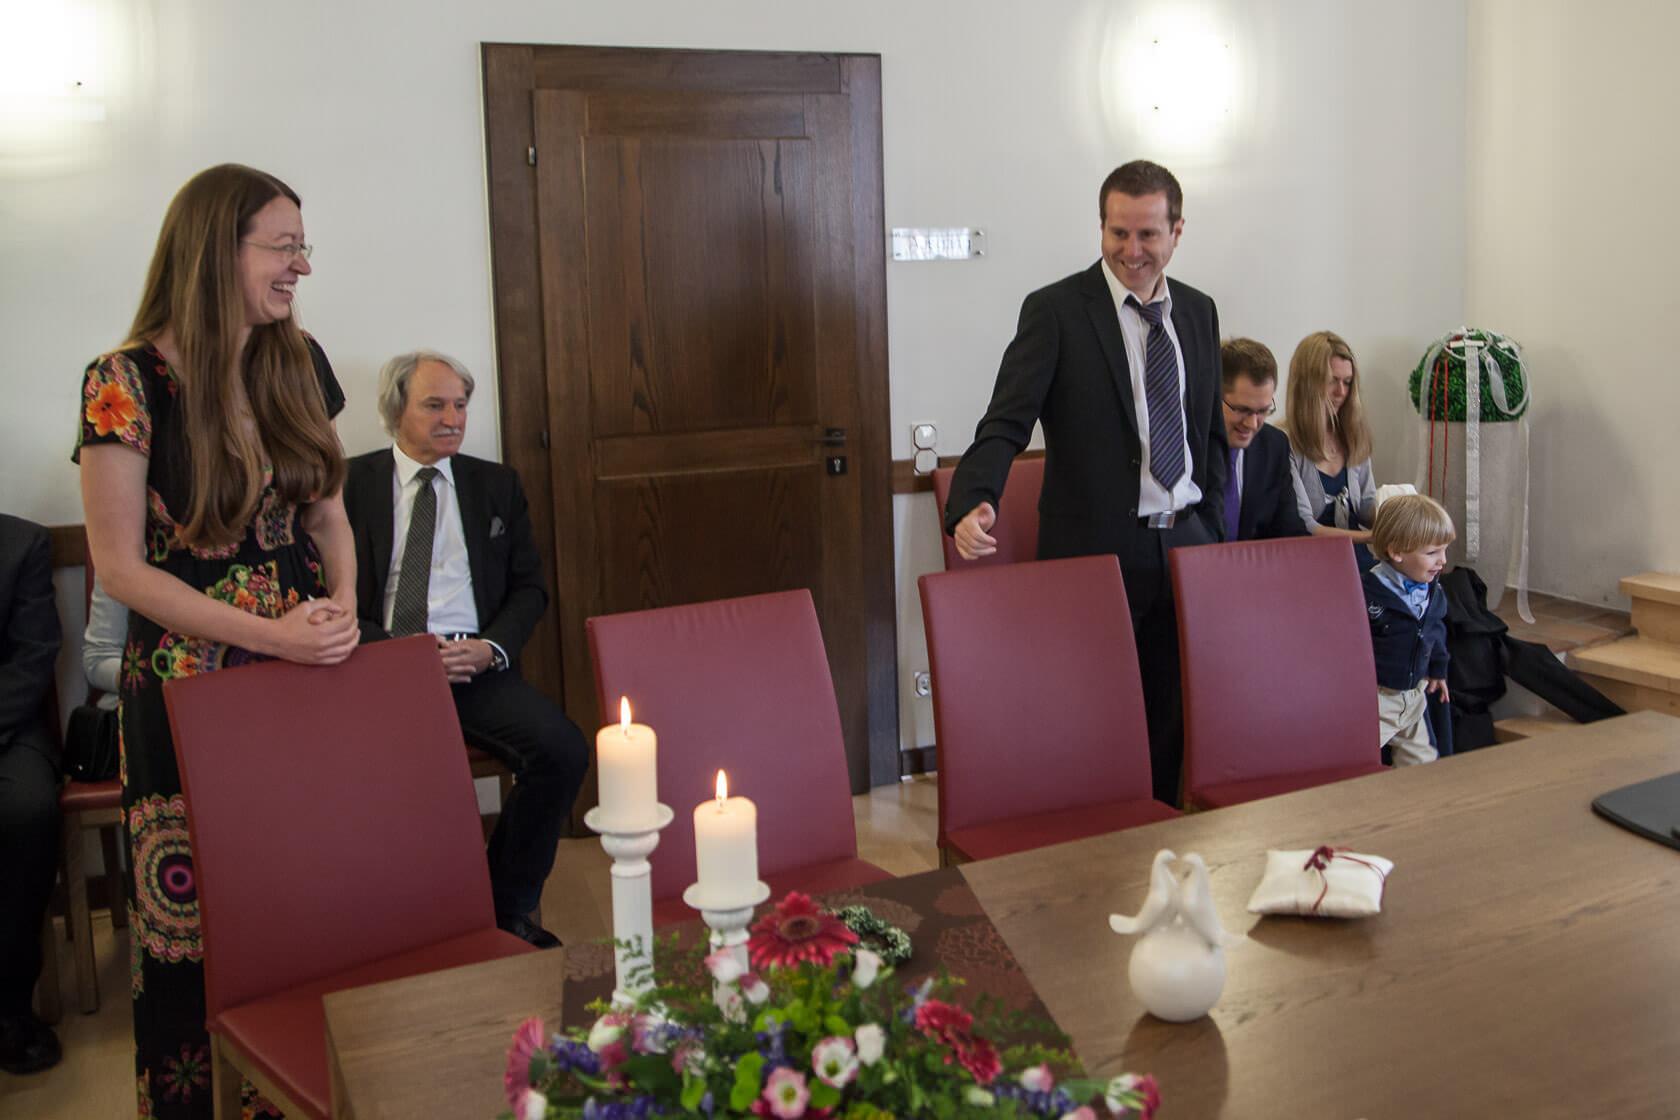 Hochzeitsreportage in Marburg von Sarah & Johann - 011